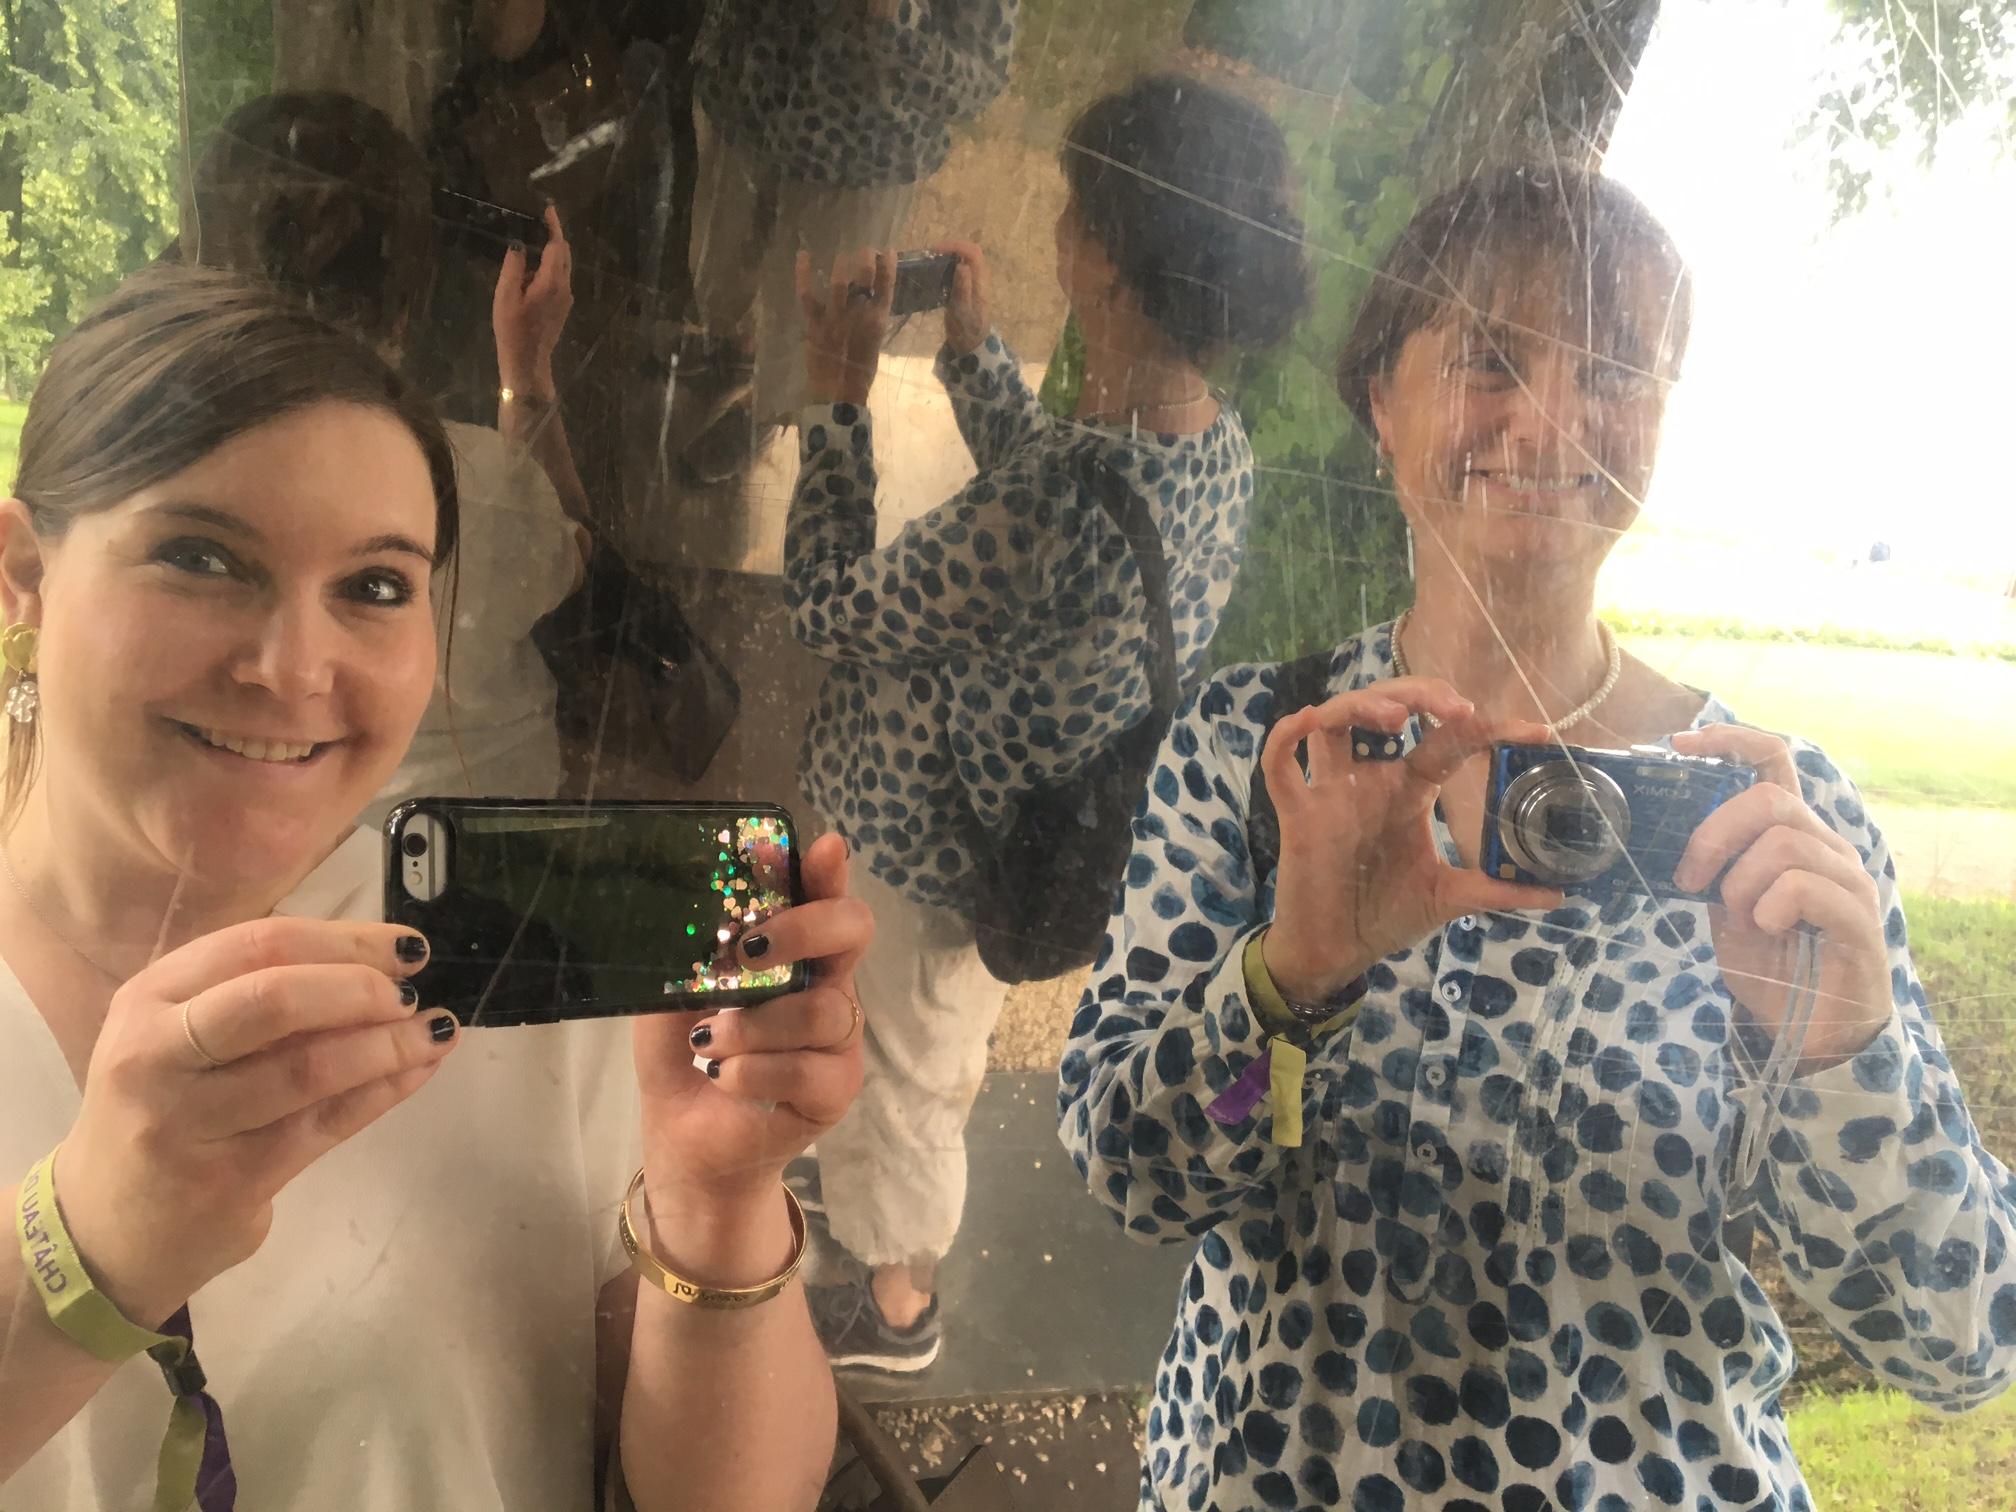 """Les organisatrices du voyage Mélanie Bianchi et Julie Rieder s'amusent à Vullierens, sous un """"pont - palais des glaces"""", l'une des nombreuses œuvres que l'on pourra admirer. Une vingtaine d'artistes sont ainsi exposés à l'extérieur, toujours avec des pièces monumentales magnifiques."""